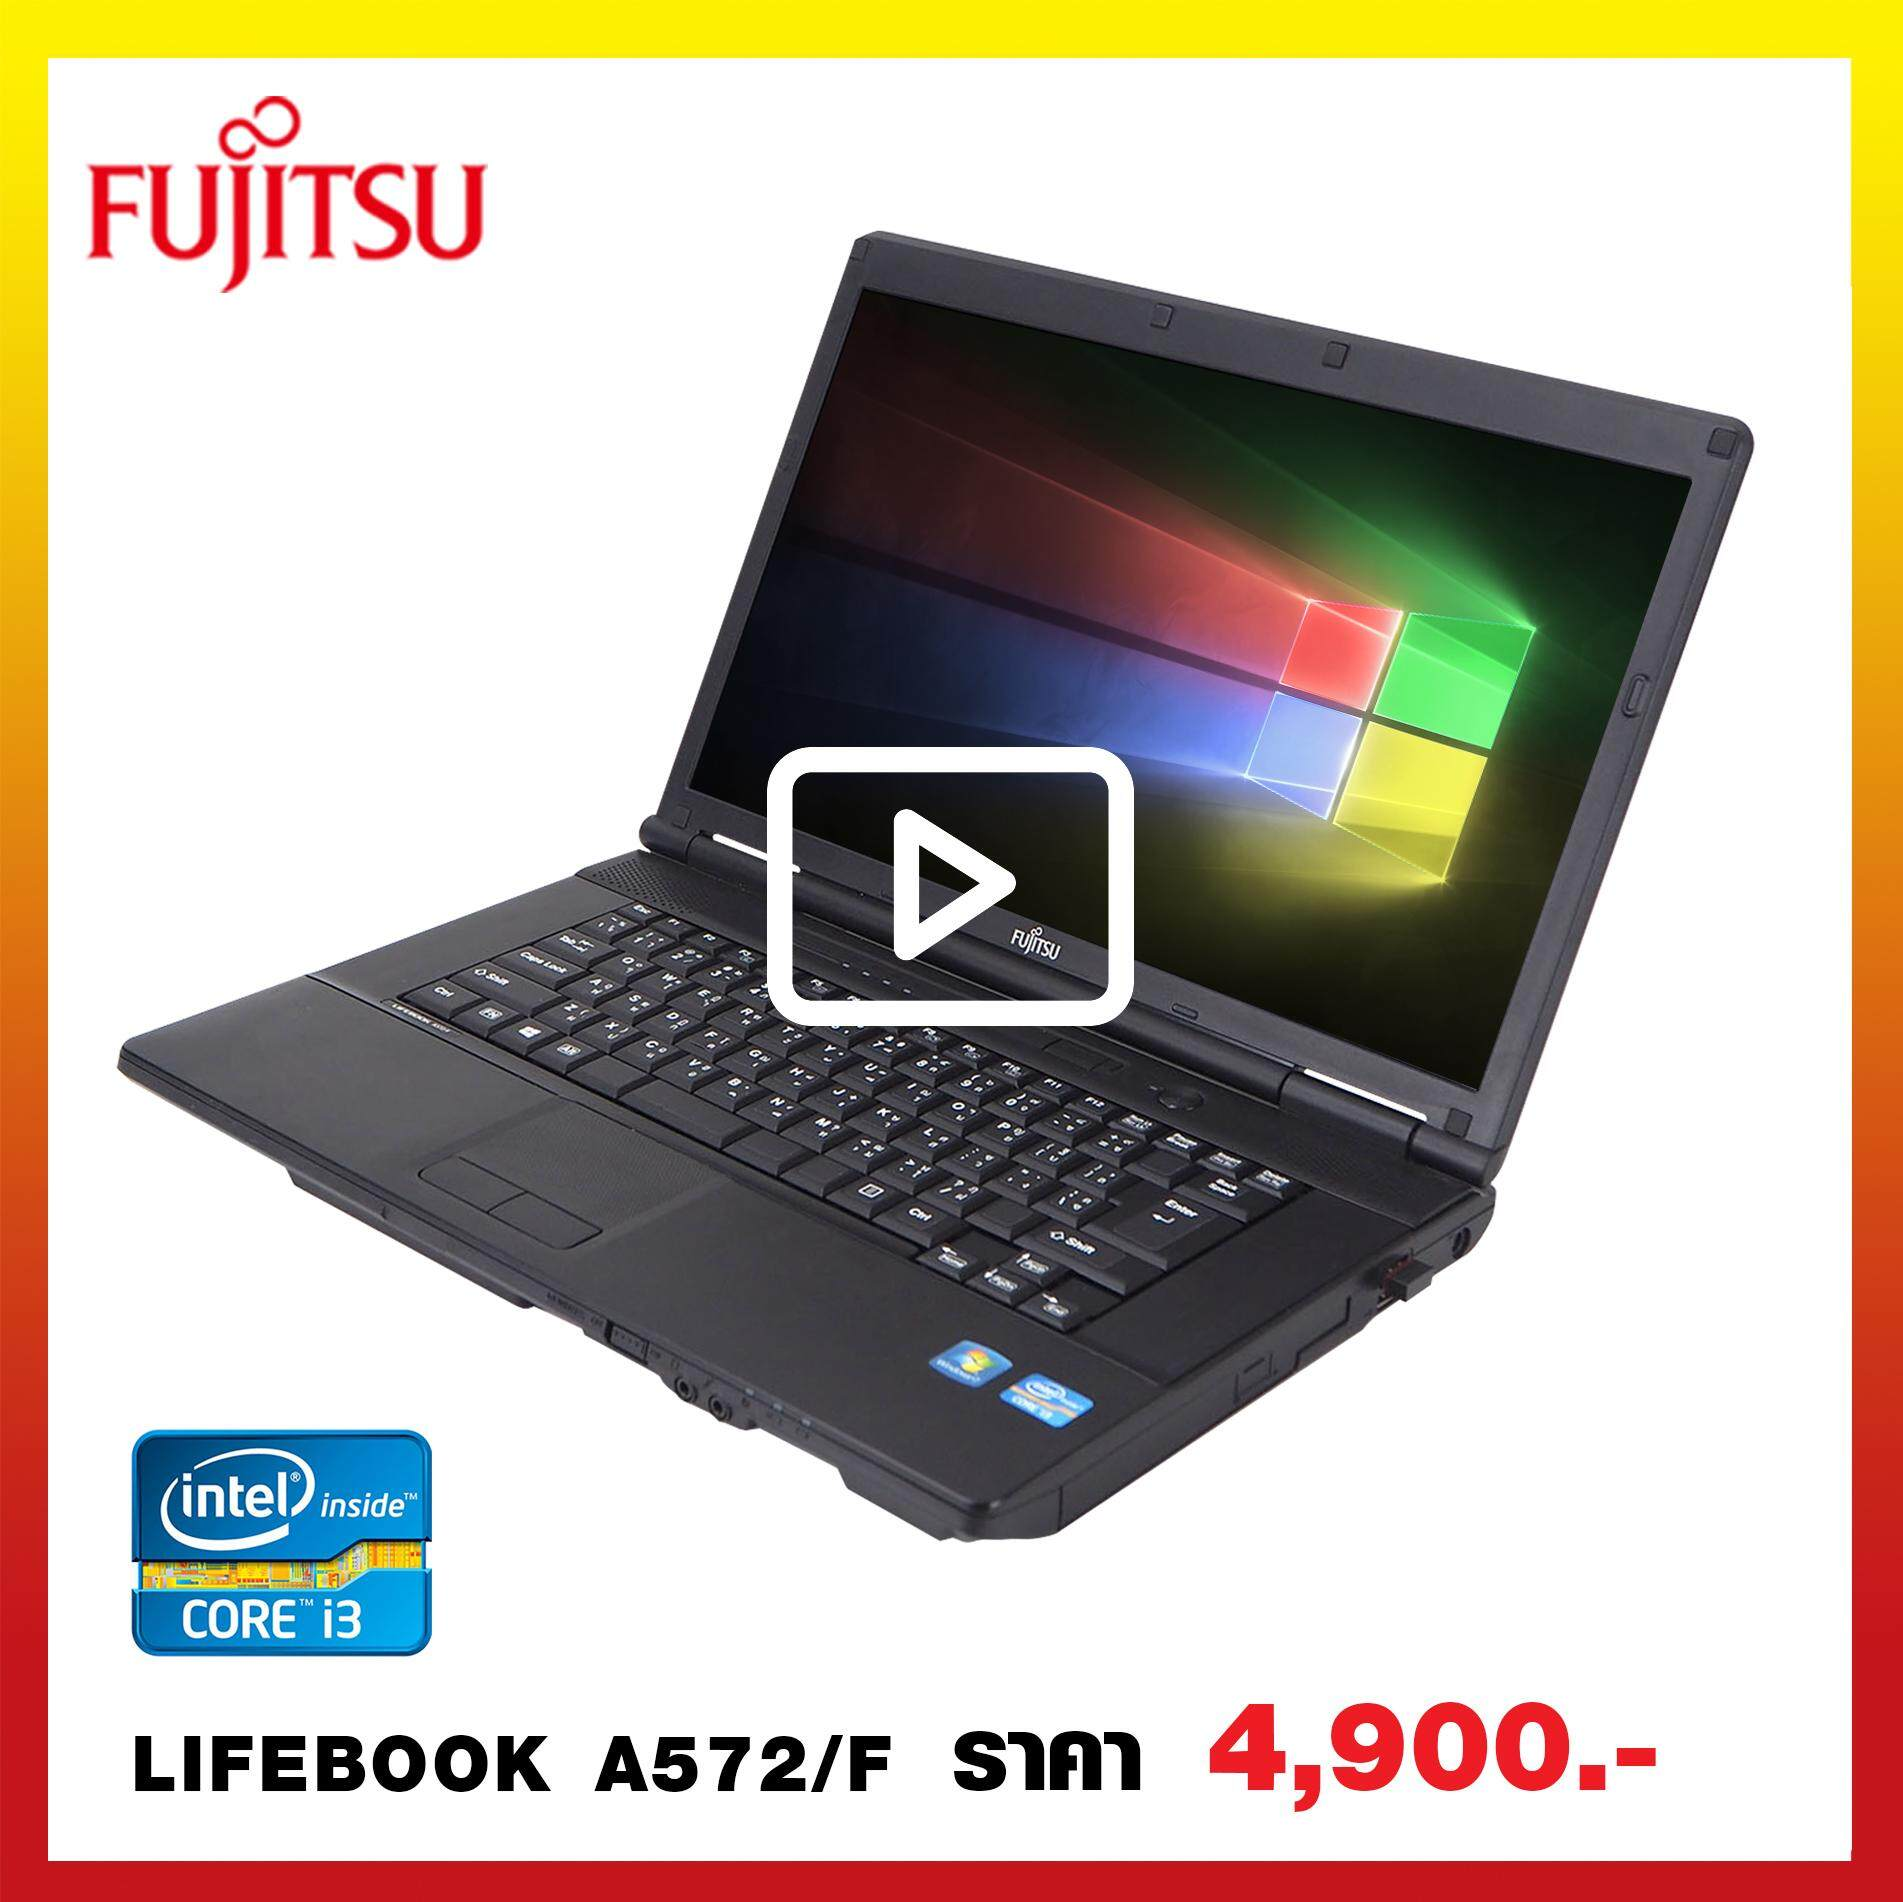 โน๊ตบุ๊ค Fujitsu Lifebook A572/f Core I3 By Artech Solution Company Limited.